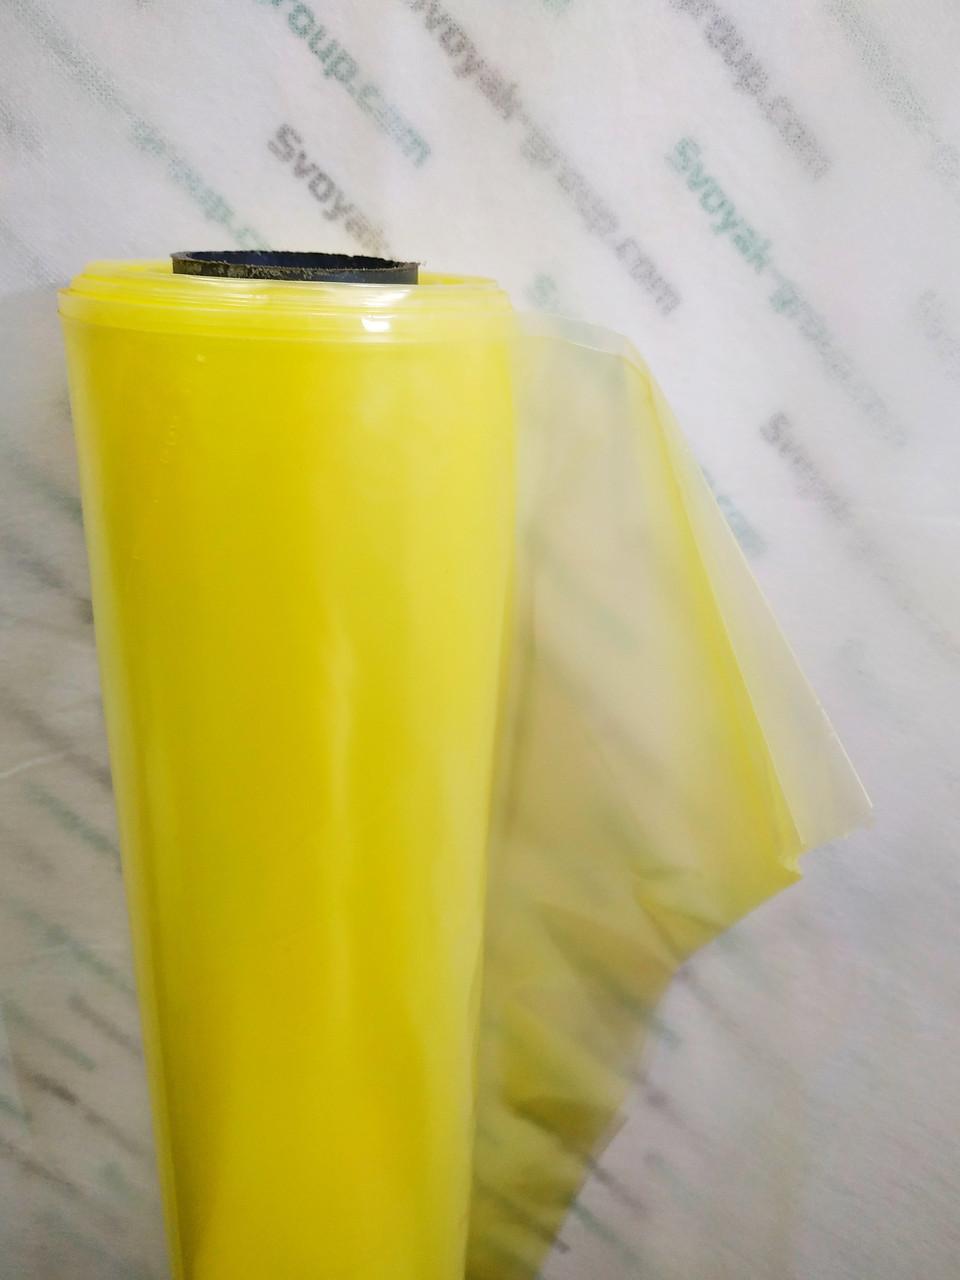 Пленка тепличная 180 мкм плотность \ Рулон 6м*50м(300 м2)\ 12мес. Стабилизация (2% UV). Харьков